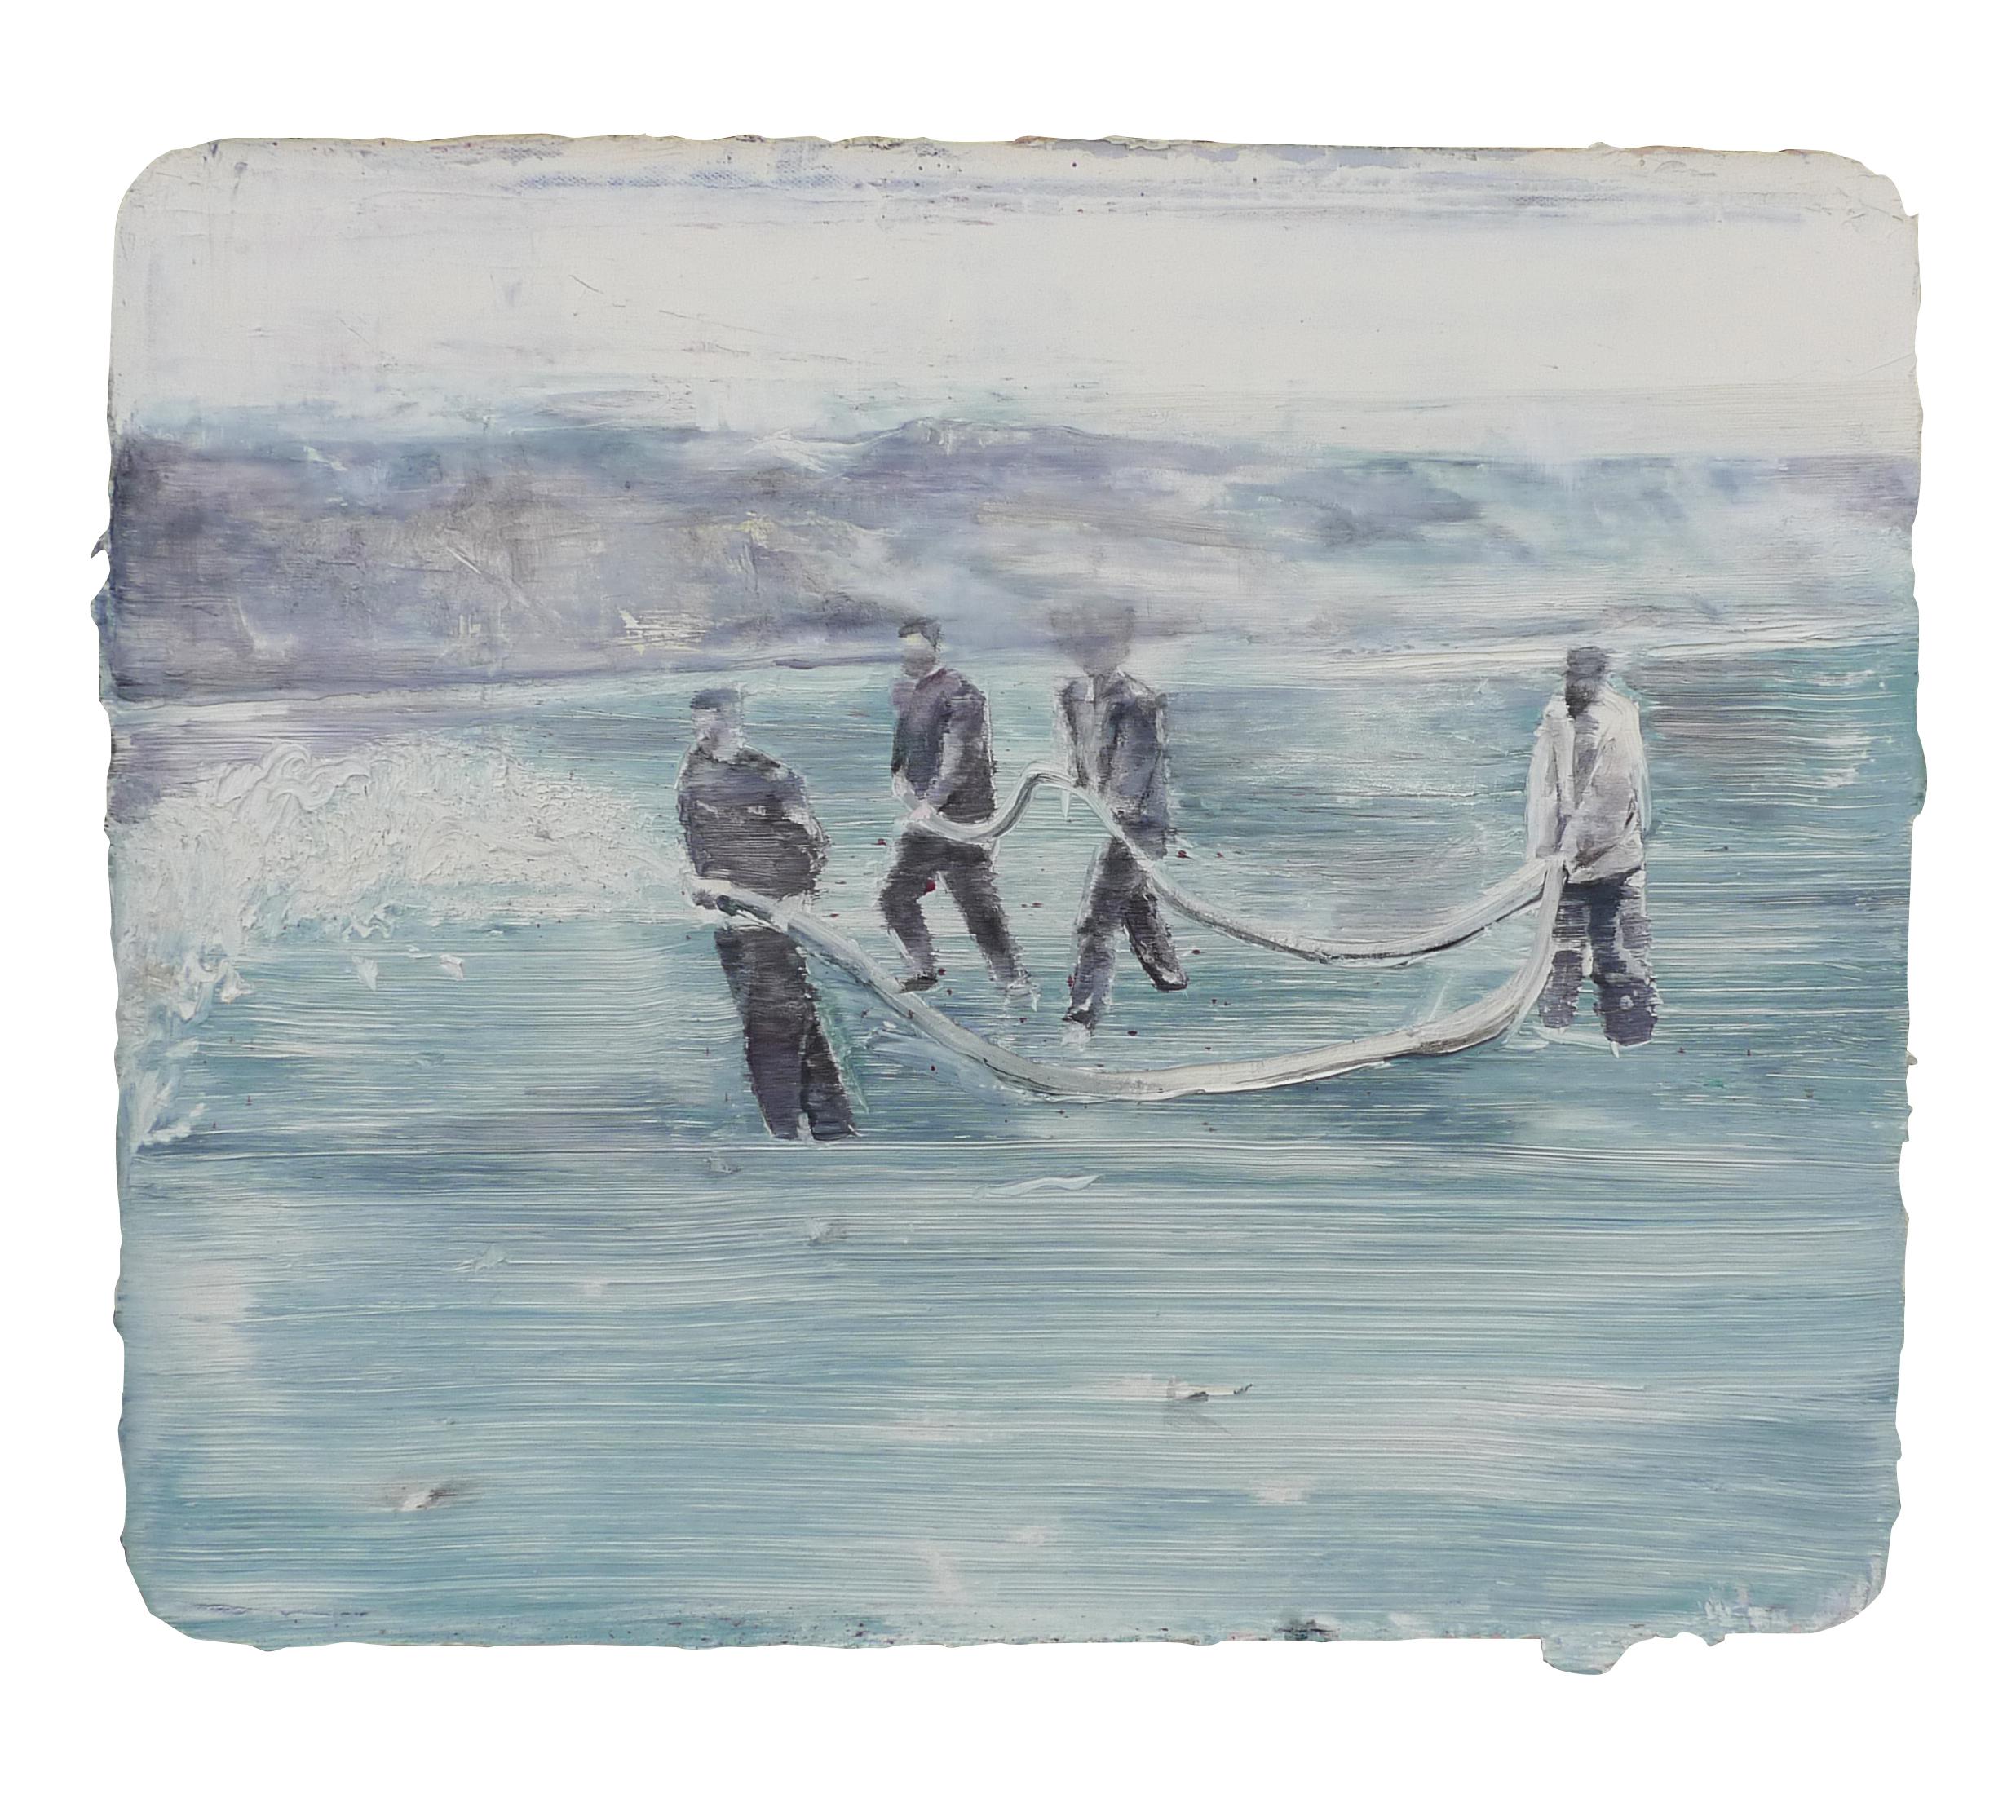 Tu Xi 涂曦, Spring 泉, 2014, Oil on canvas 布面油画, 50 x 60 cm